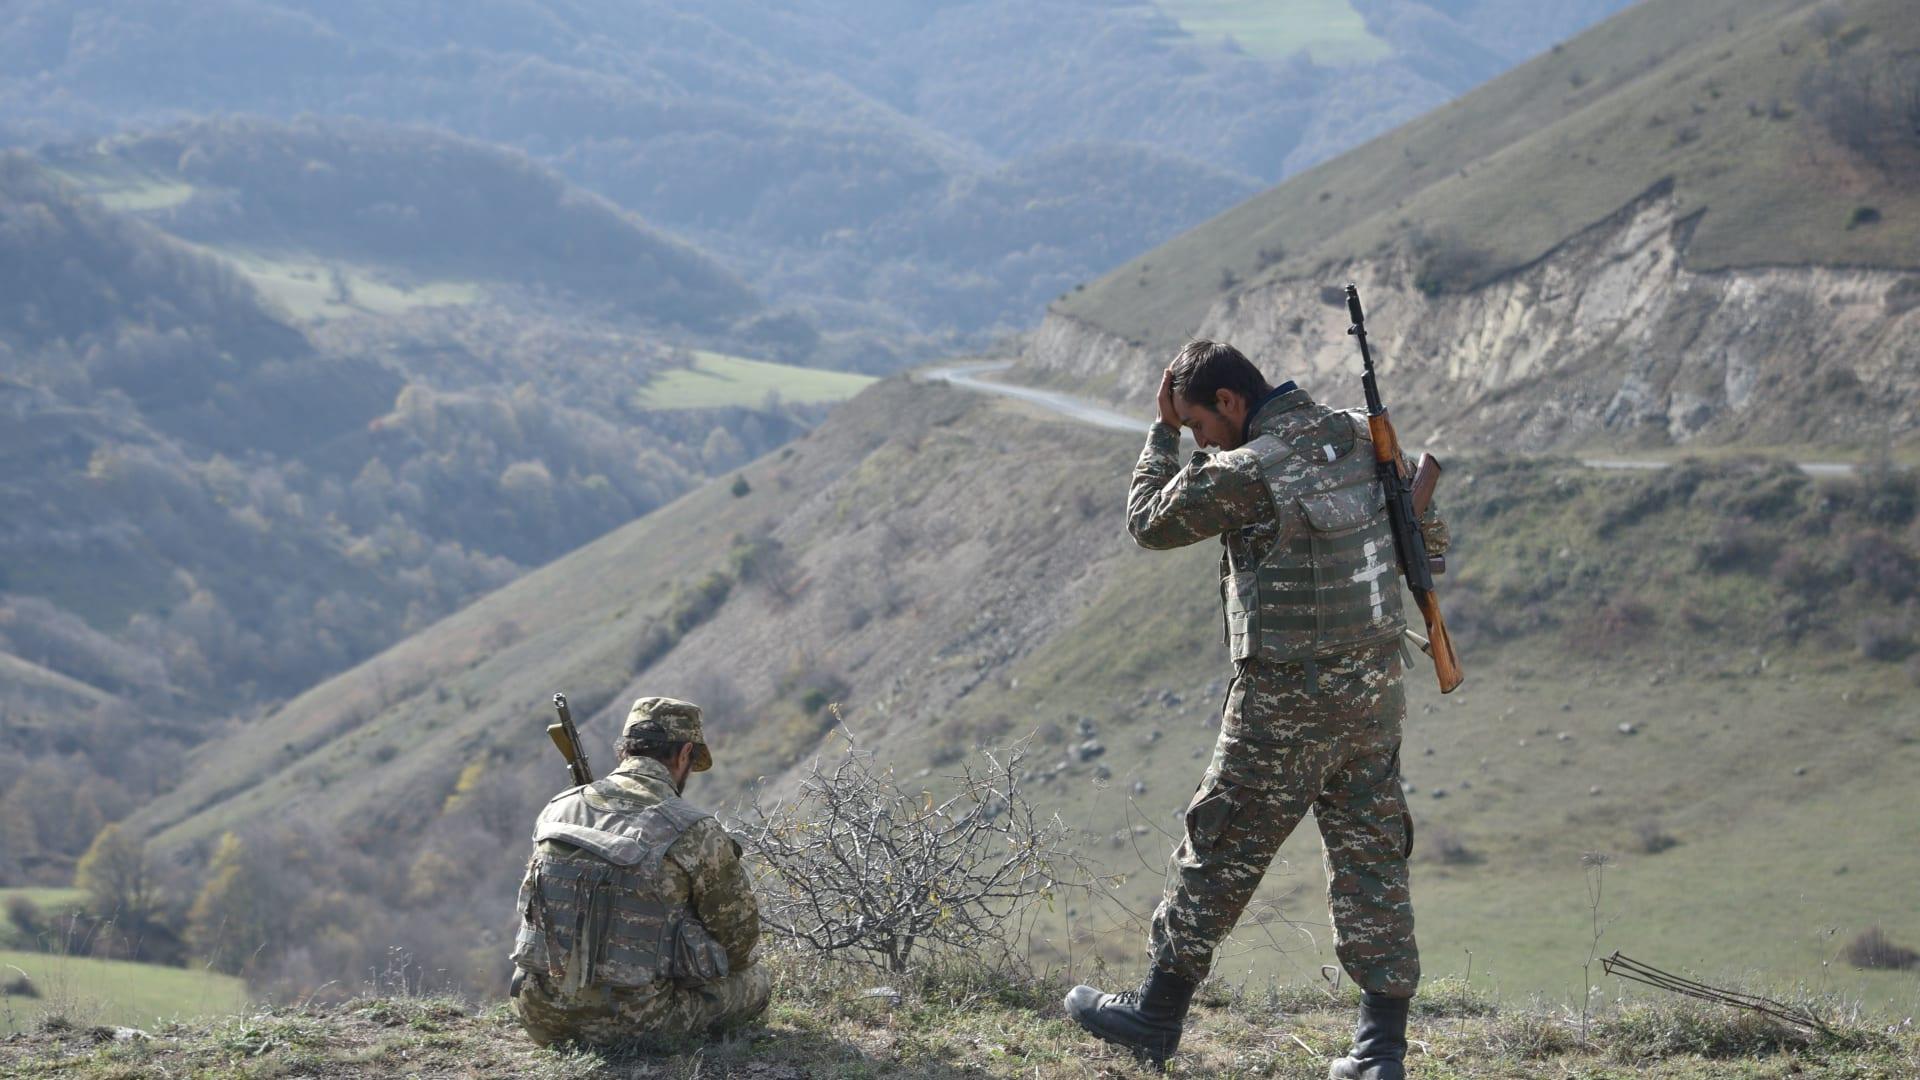 """اتفاق إنهاء الحرب.. أذربيجان سعيدة ورئيس الوزراء الأرميني: """"معاهدة مؤلمة"""""""